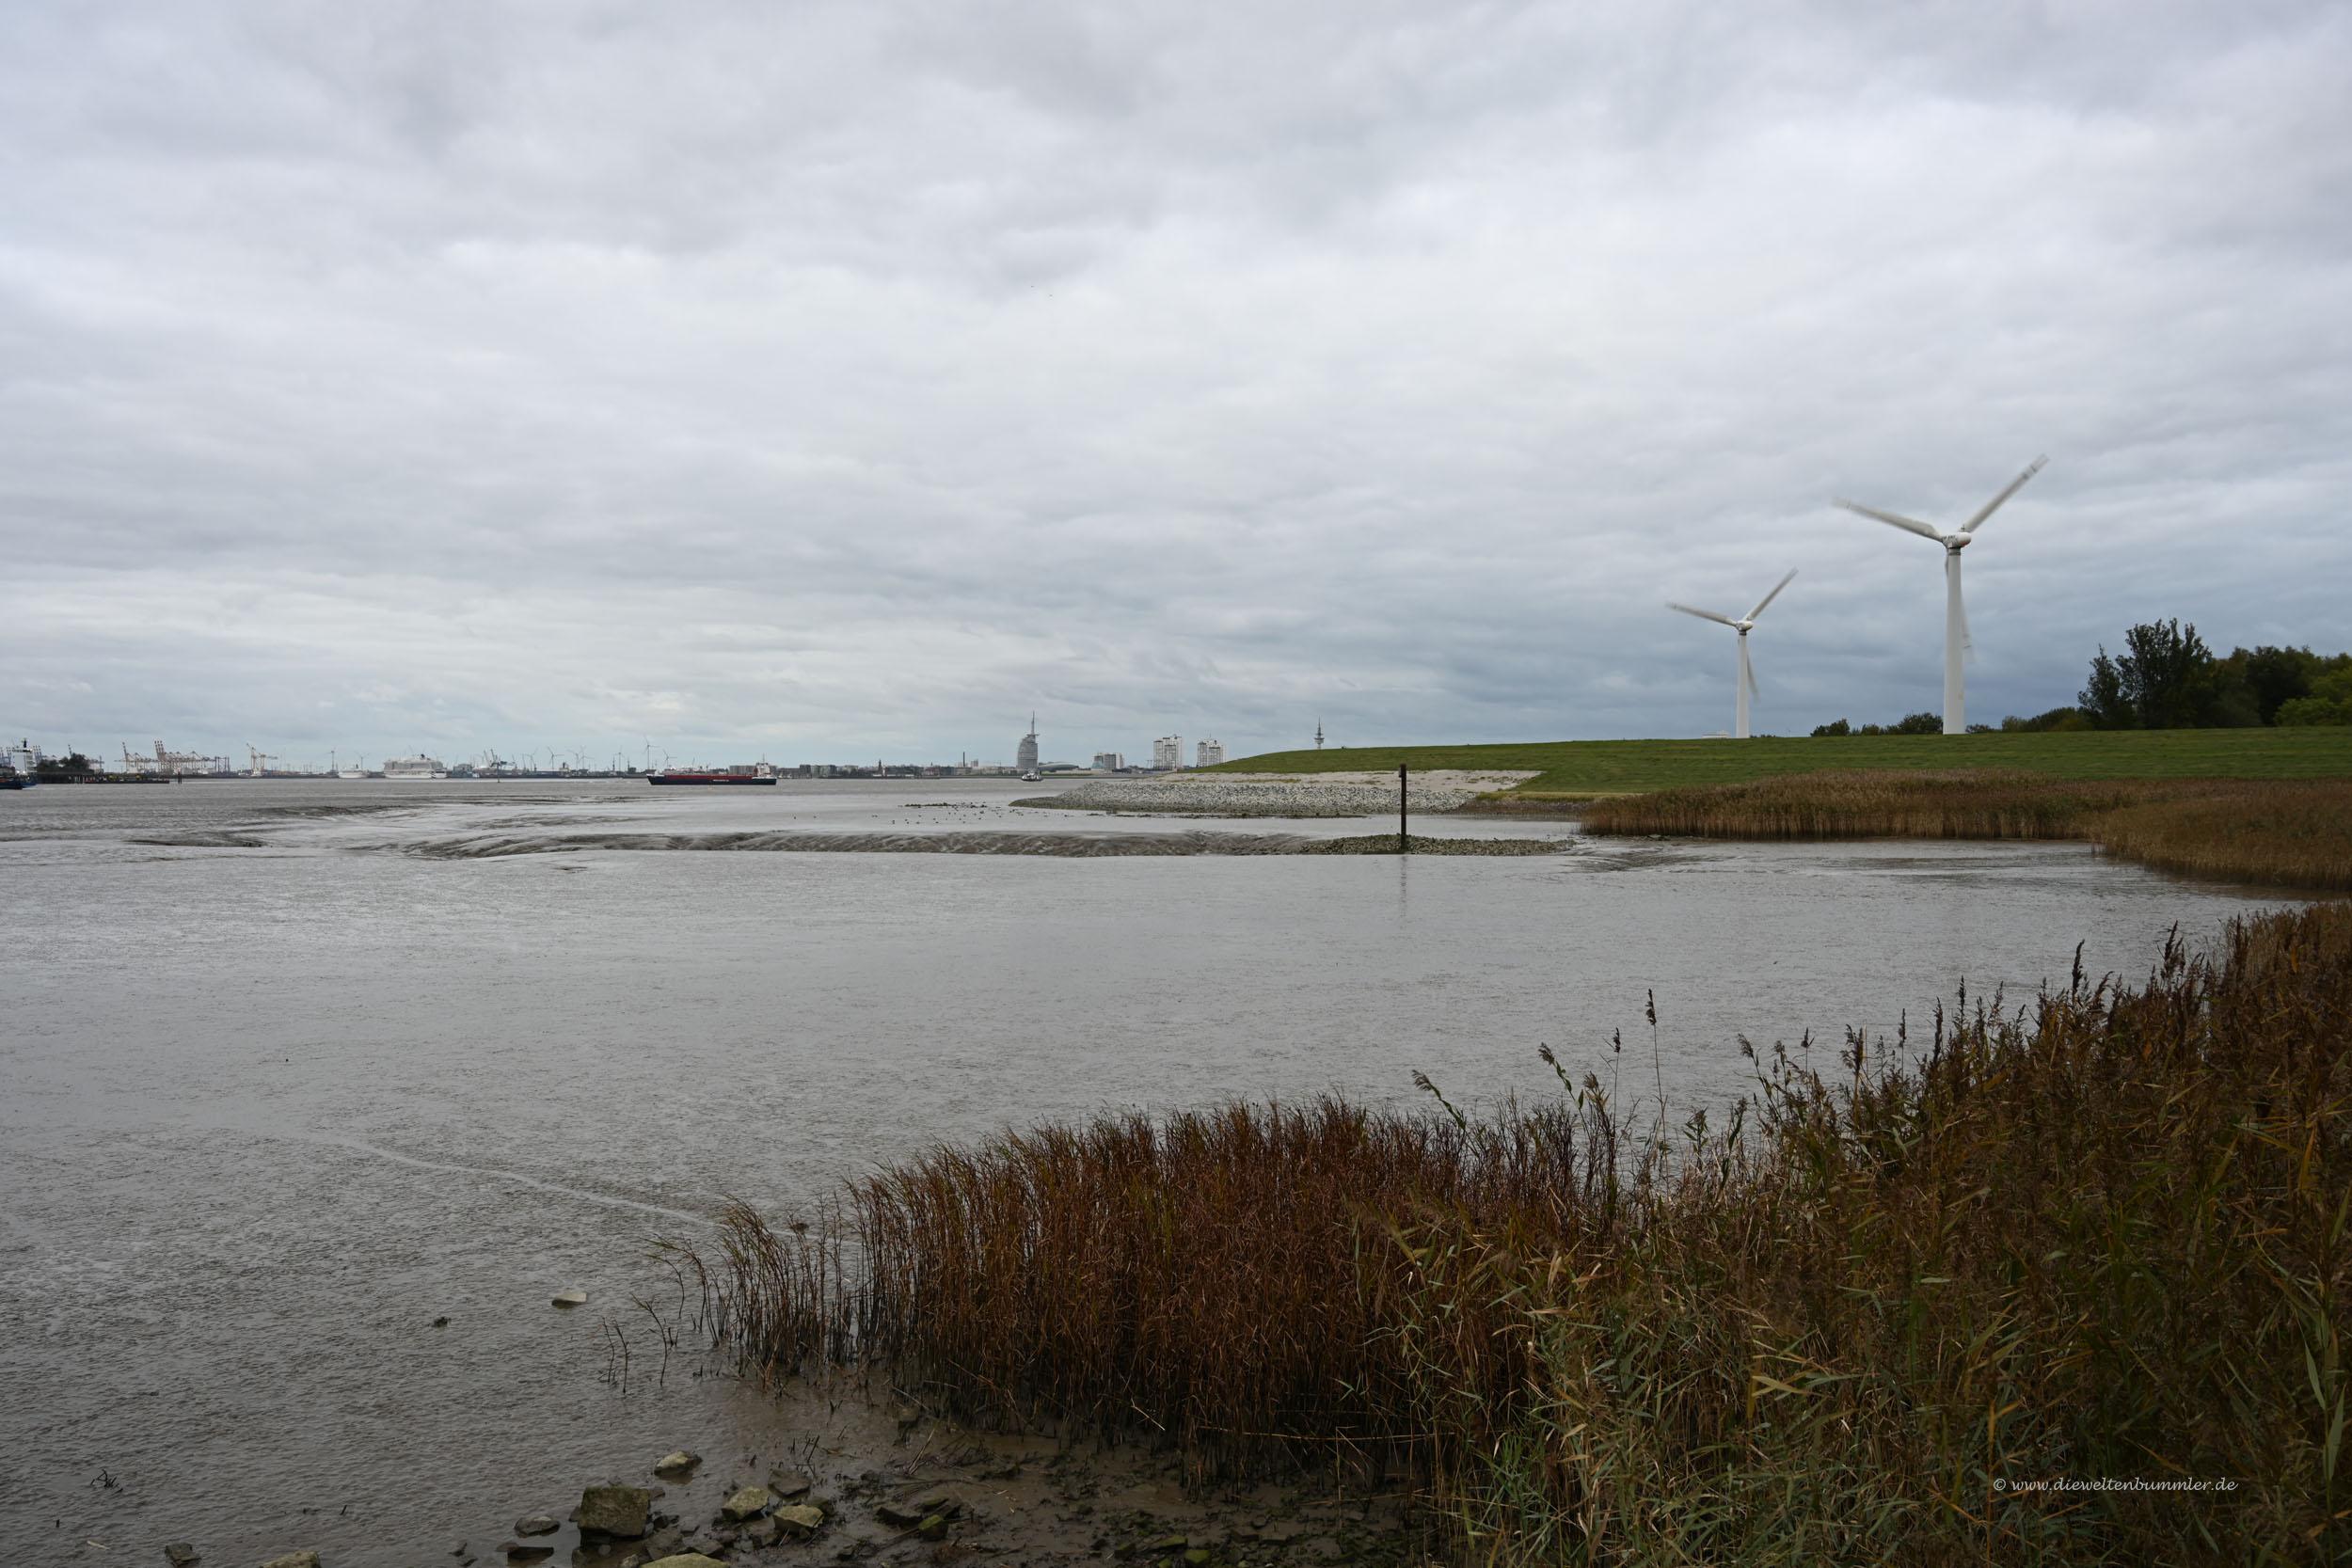 Blick entlang der Weser